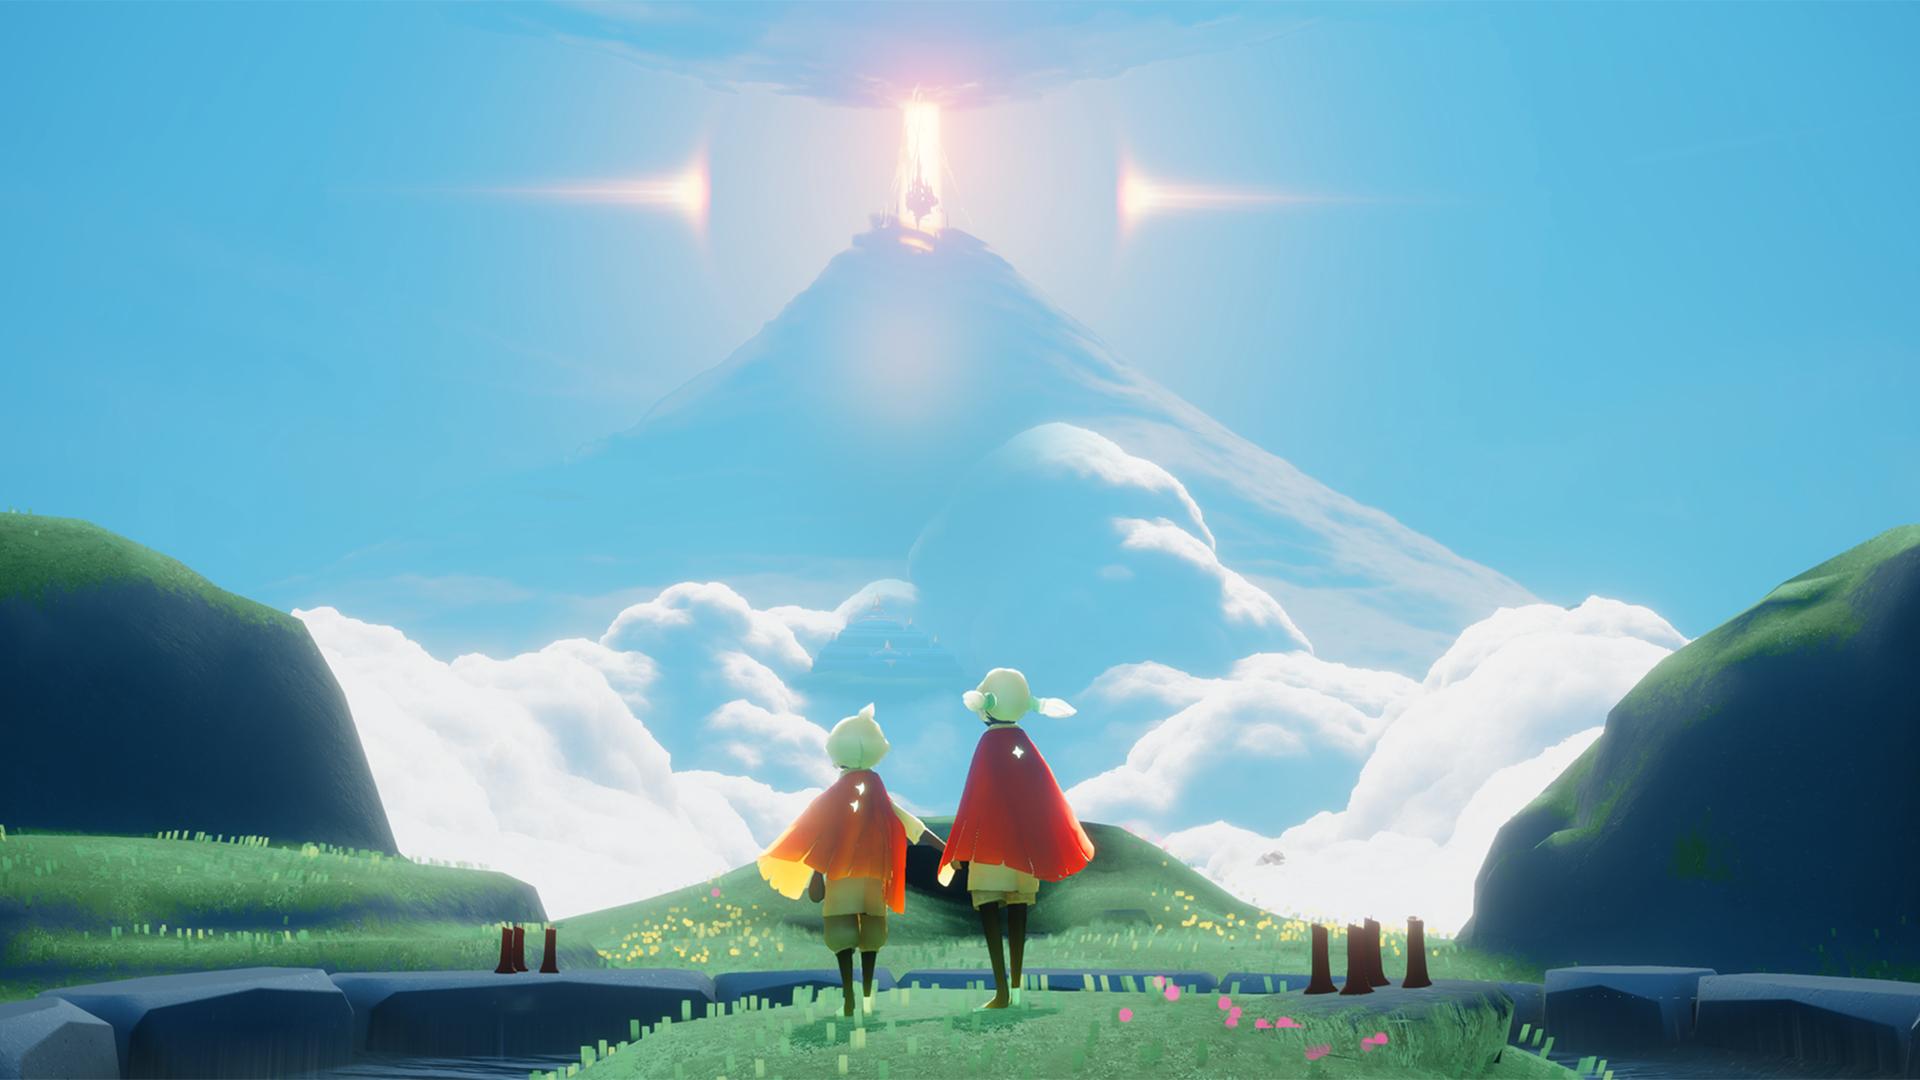 《Sky光·遇》梦境季现已开放 Switch版春季上市